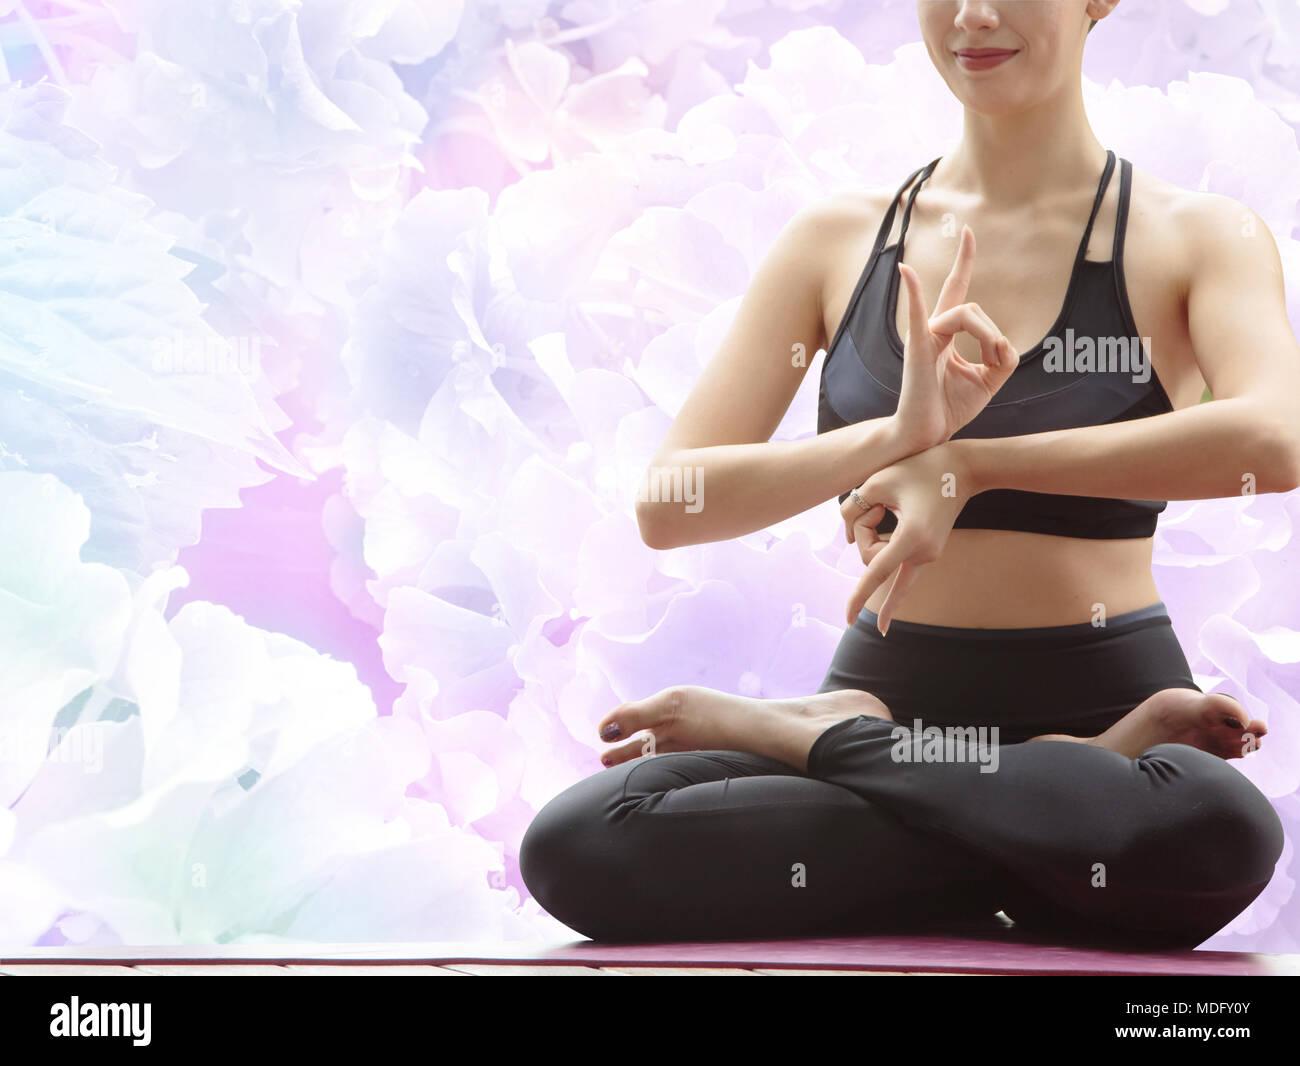 Yoga Beautiful Woman Meditating In Lotus Pose On Blur Hydrangea